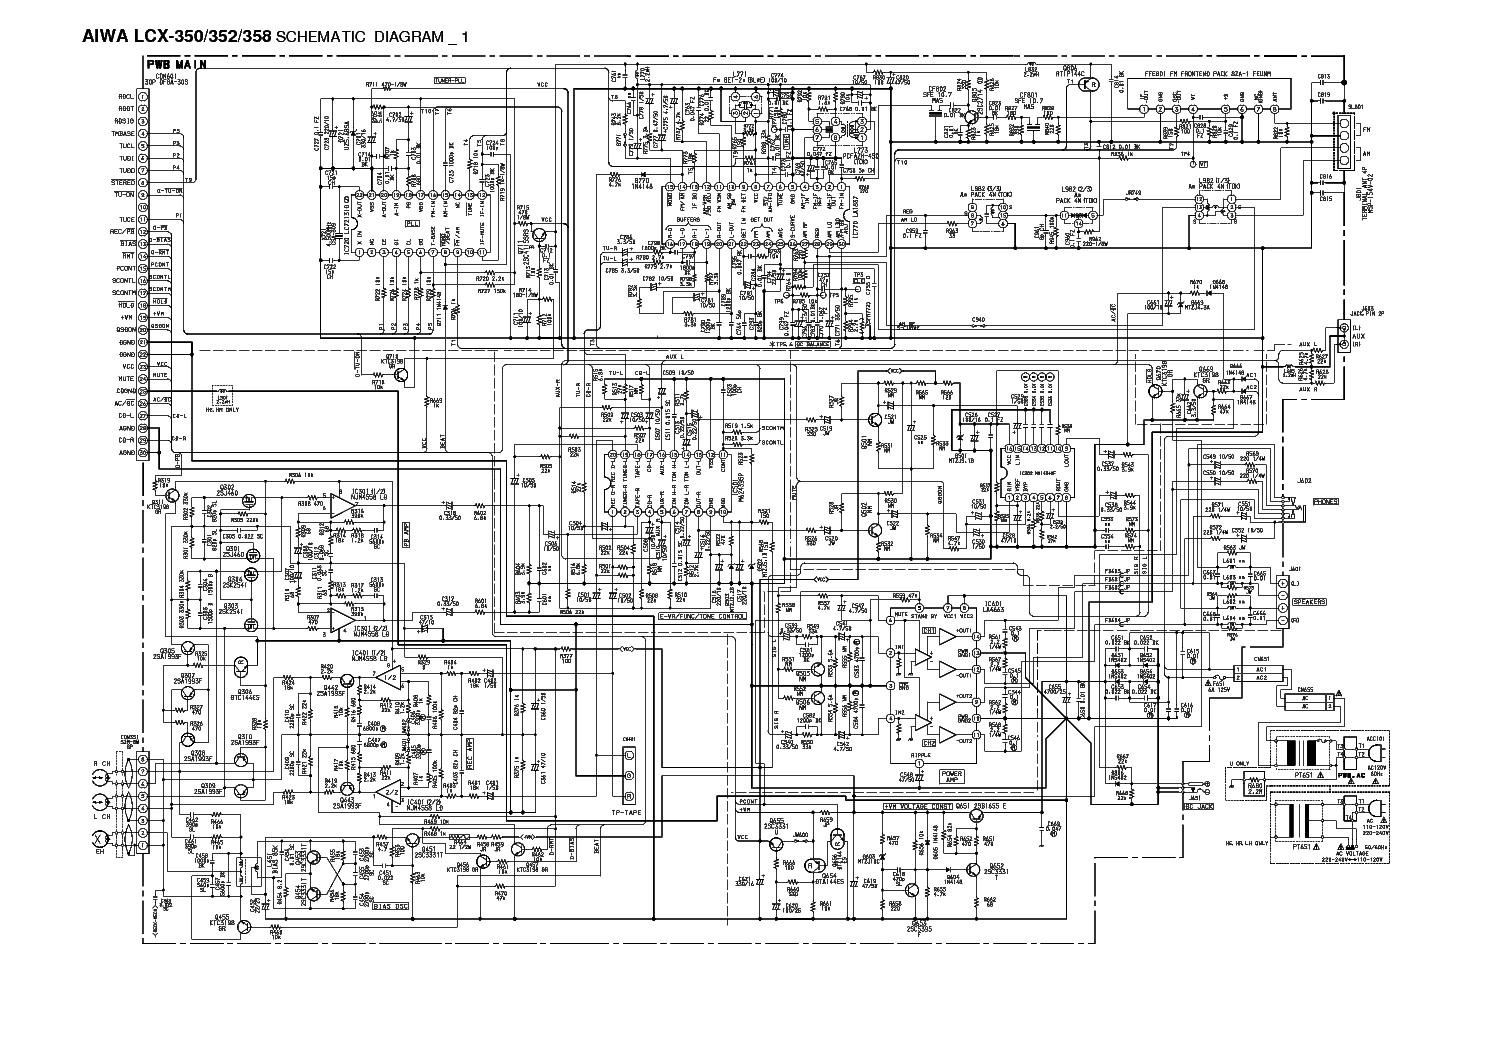 AIWA-LCX-350-352-358 service manual (1st page)